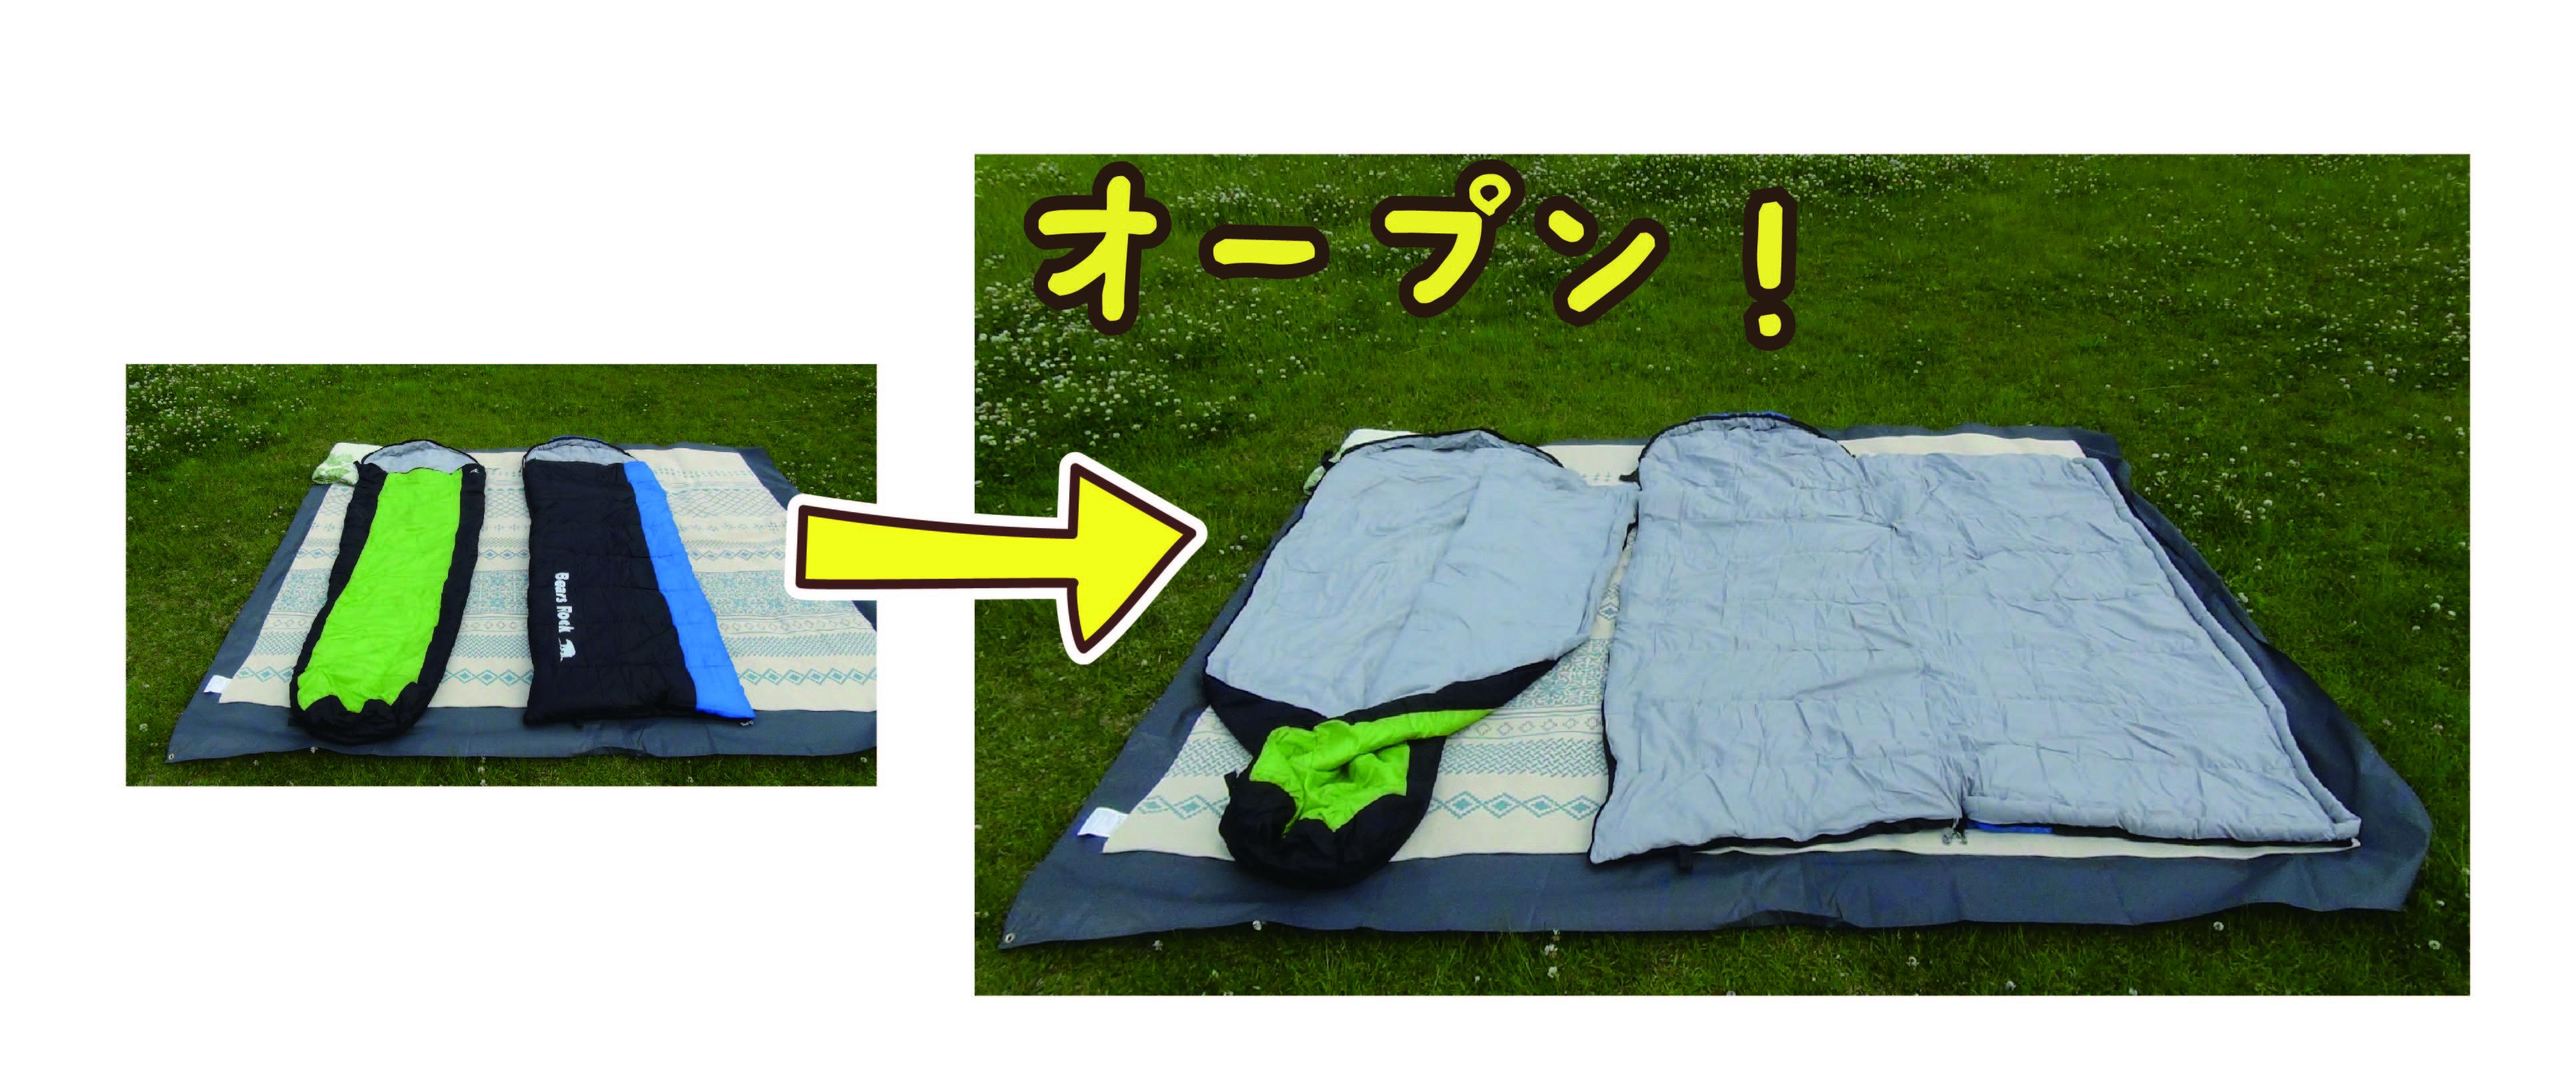 #001初心者向けの夏の寝袋の選び方-07